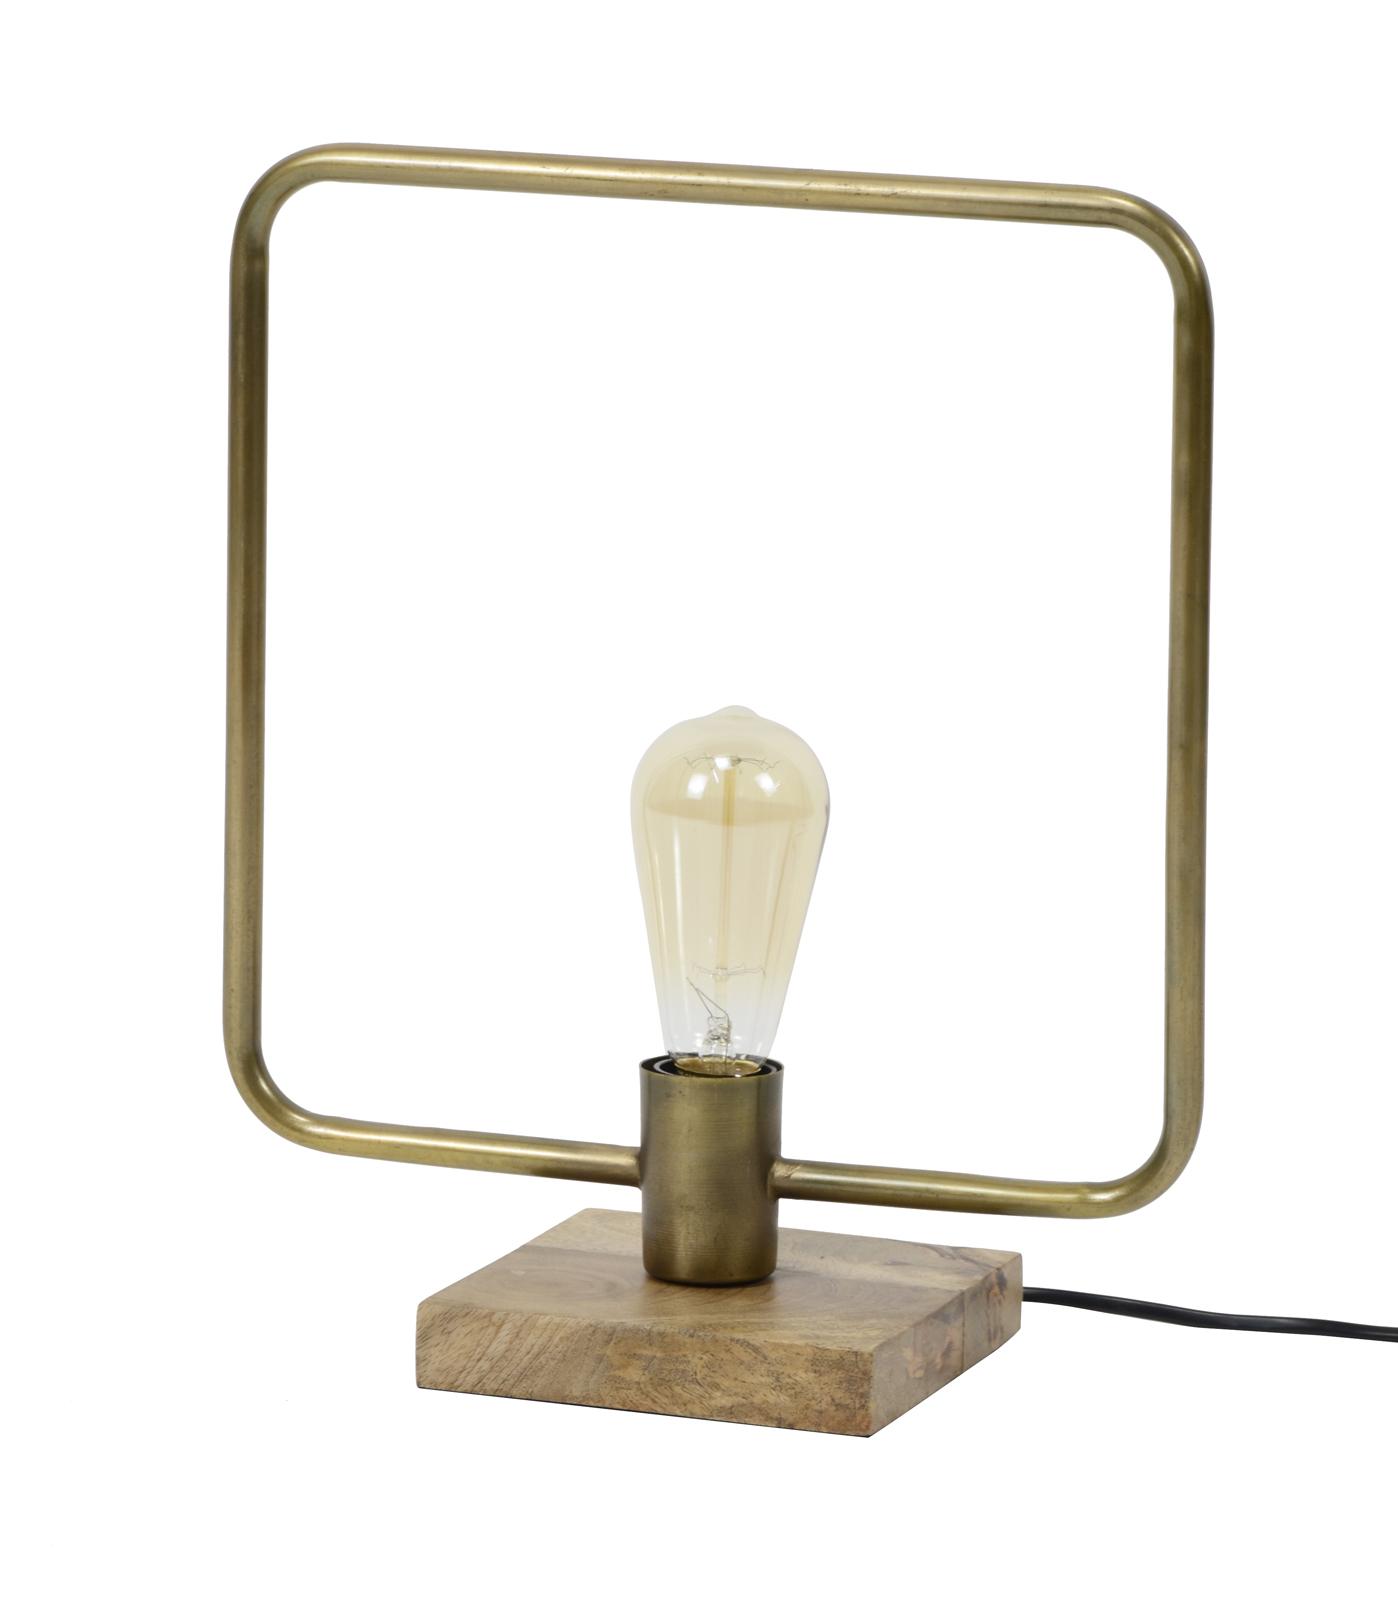 Industrielle Lampe Carrée Industrielle Carrée Lampe Carrée Lampe Tribeca Tribeca Tribeca Industrielle Industrielle Lampe Carrée wnmNOv80